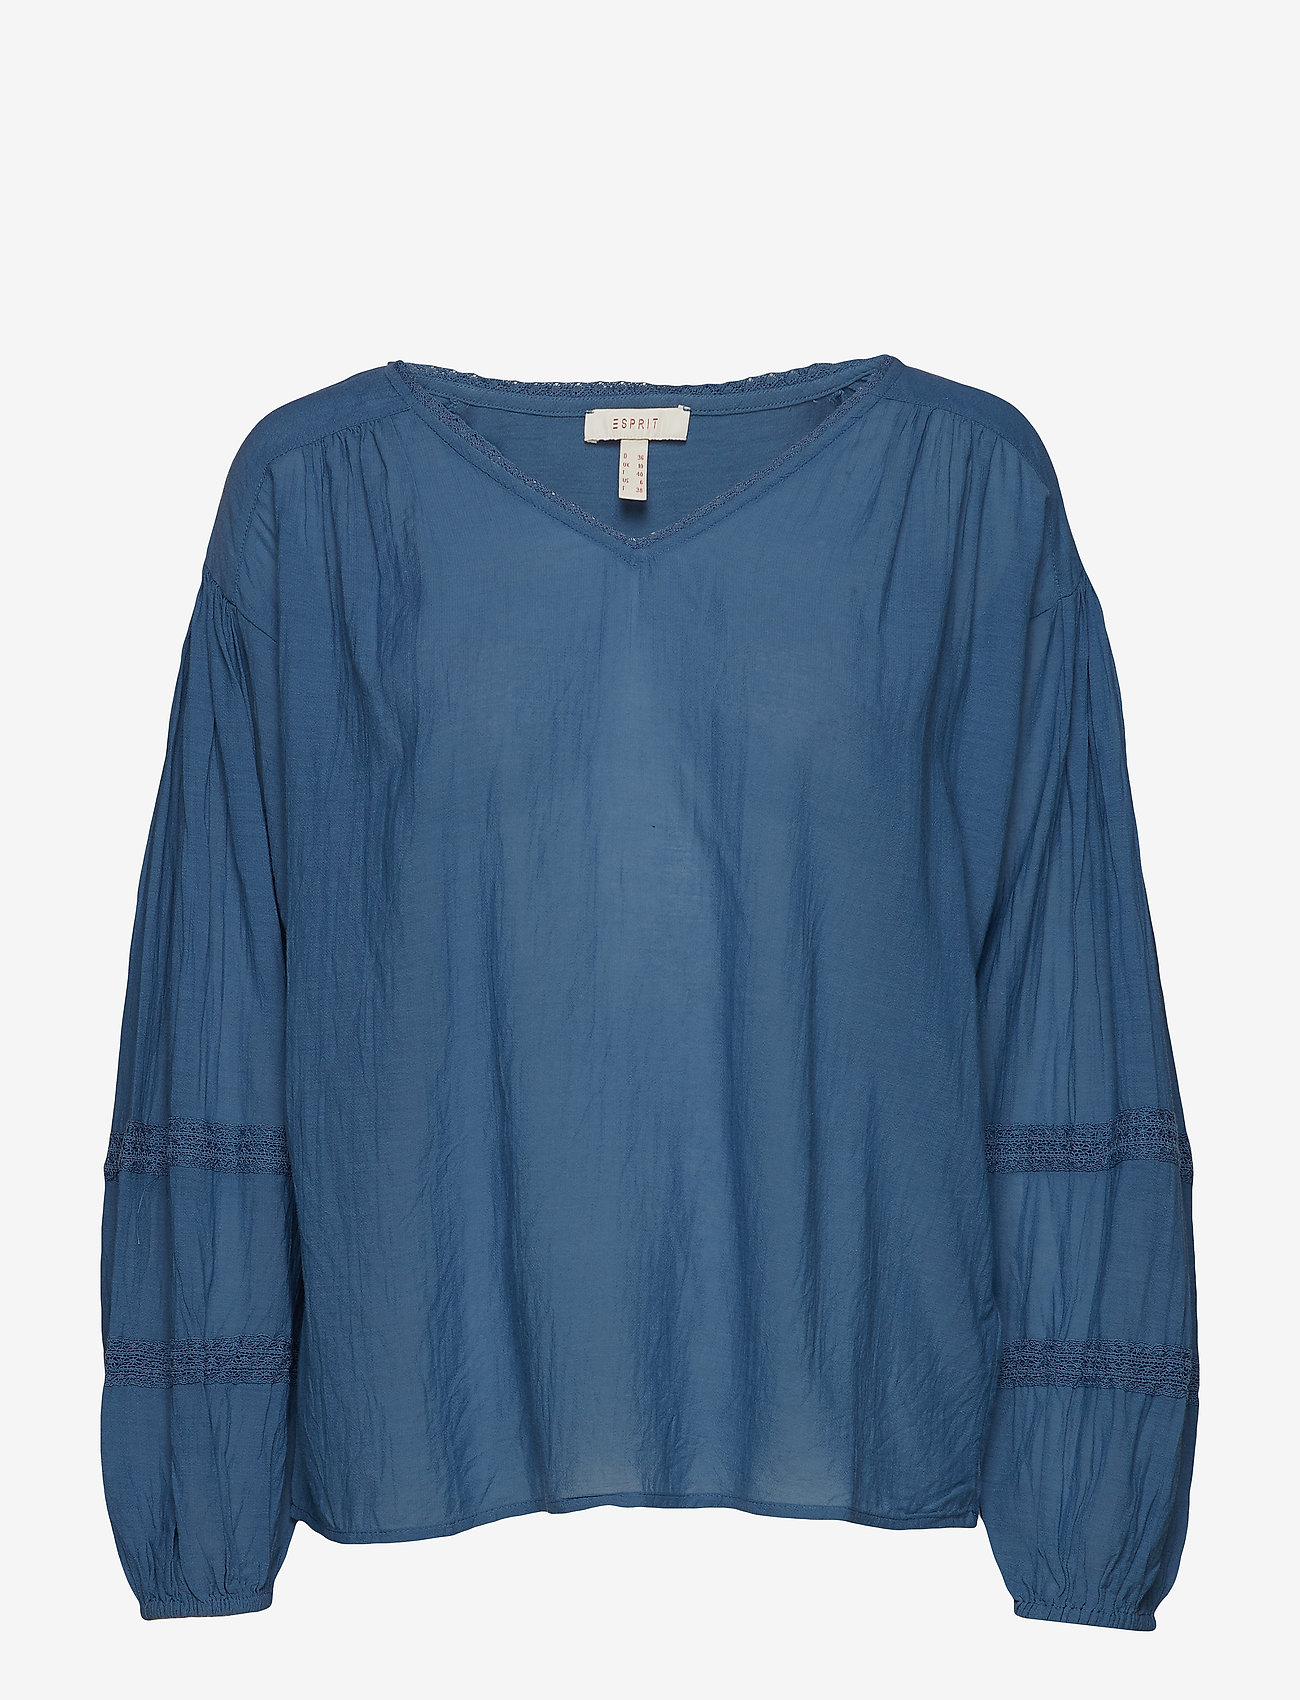 Esprit Casual - Blouses woven - langærmede bluser - grey blue - 0